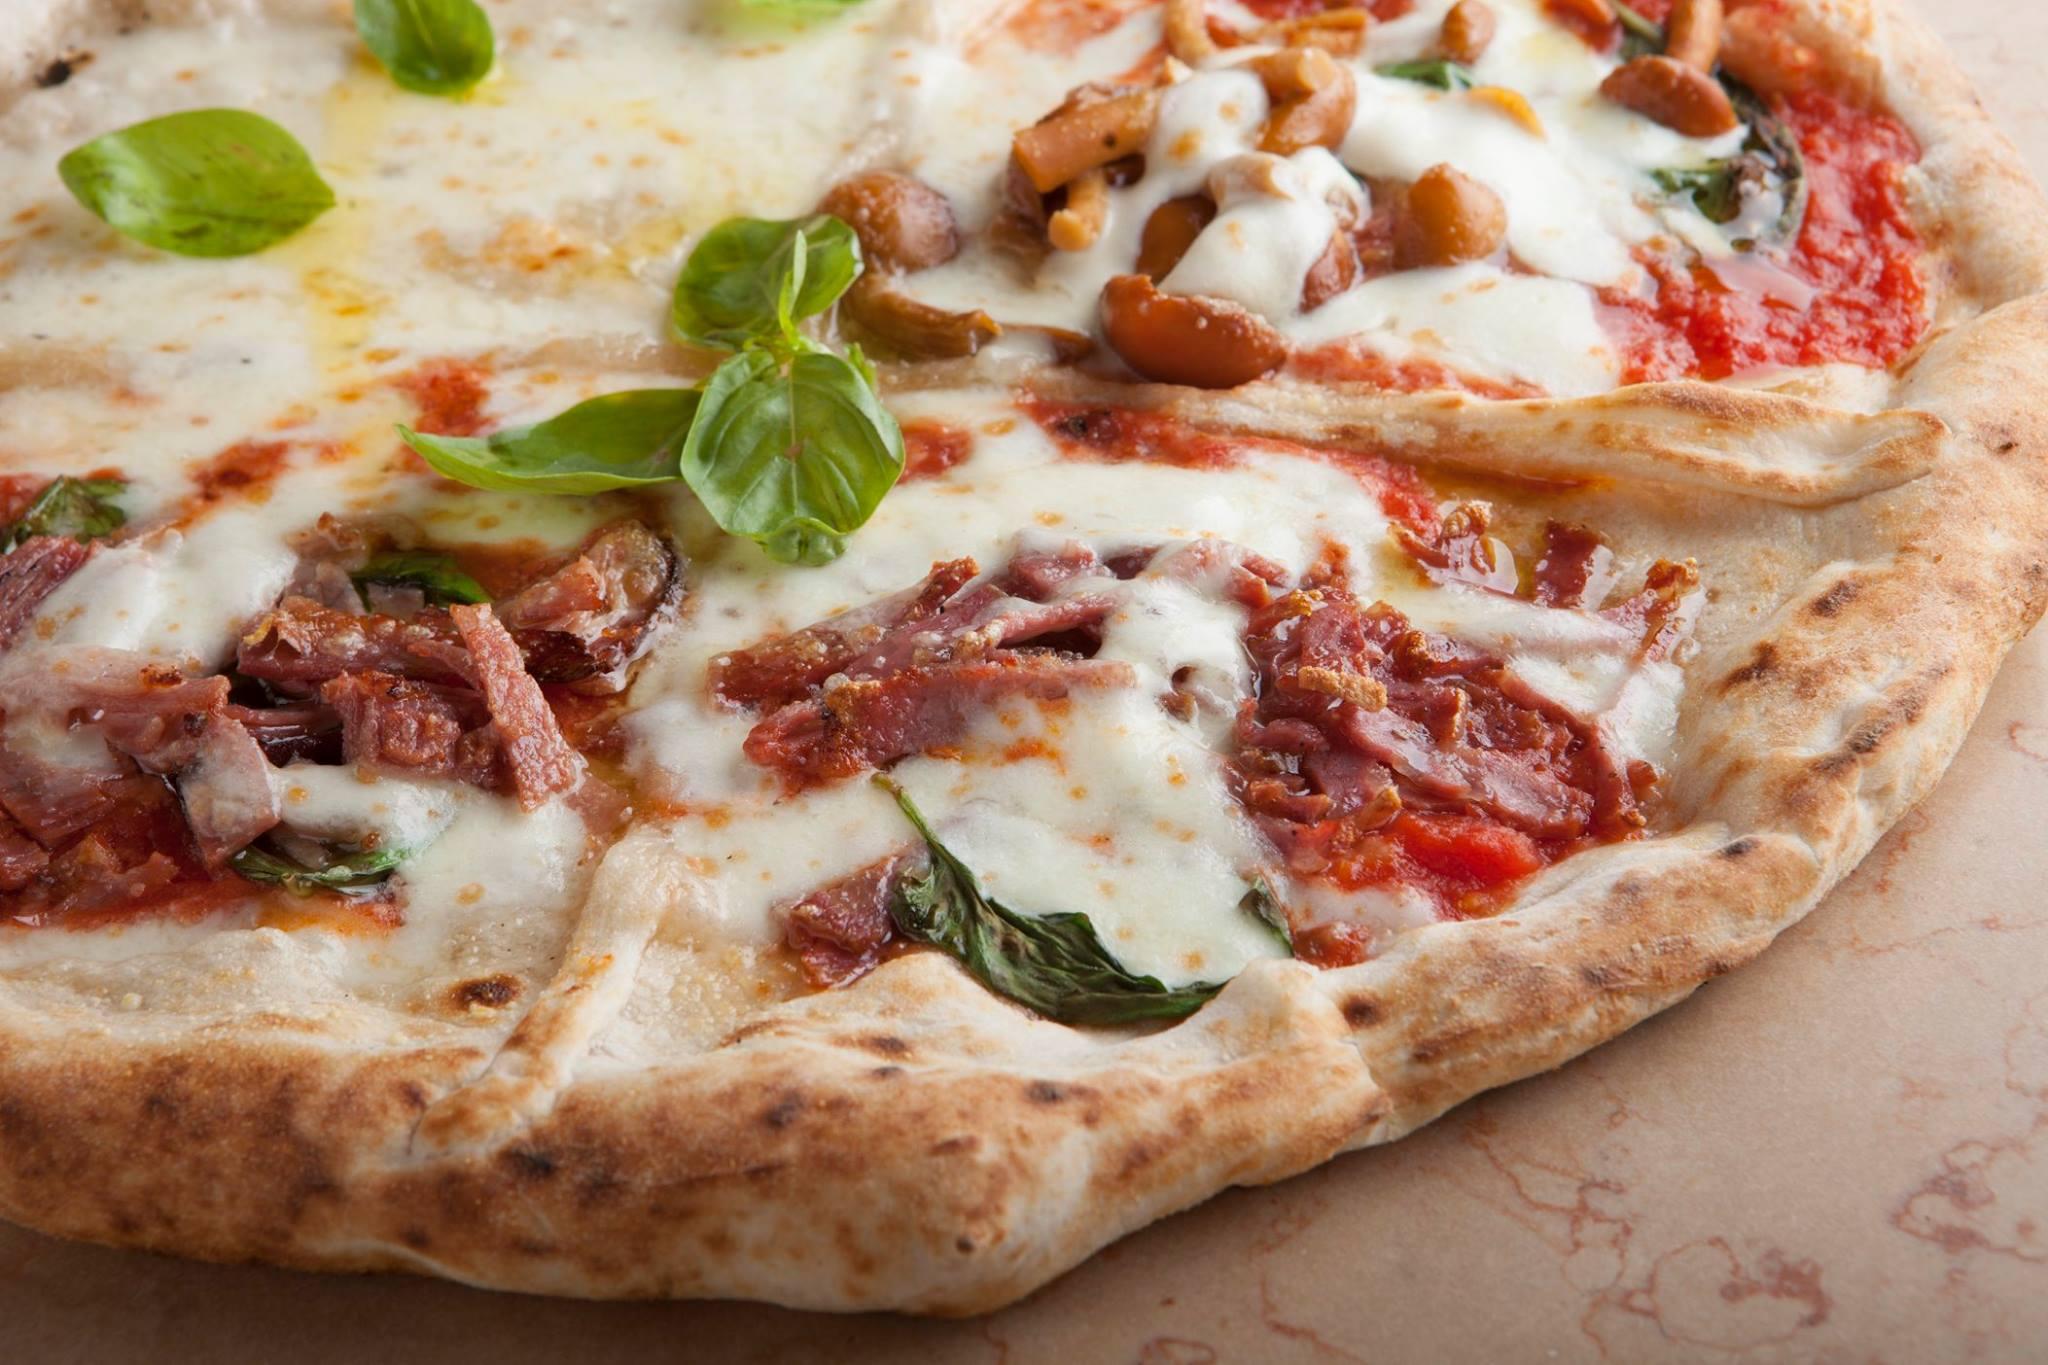 La pizzeria Oliva da Concettina ai 3 Santi a Napoli